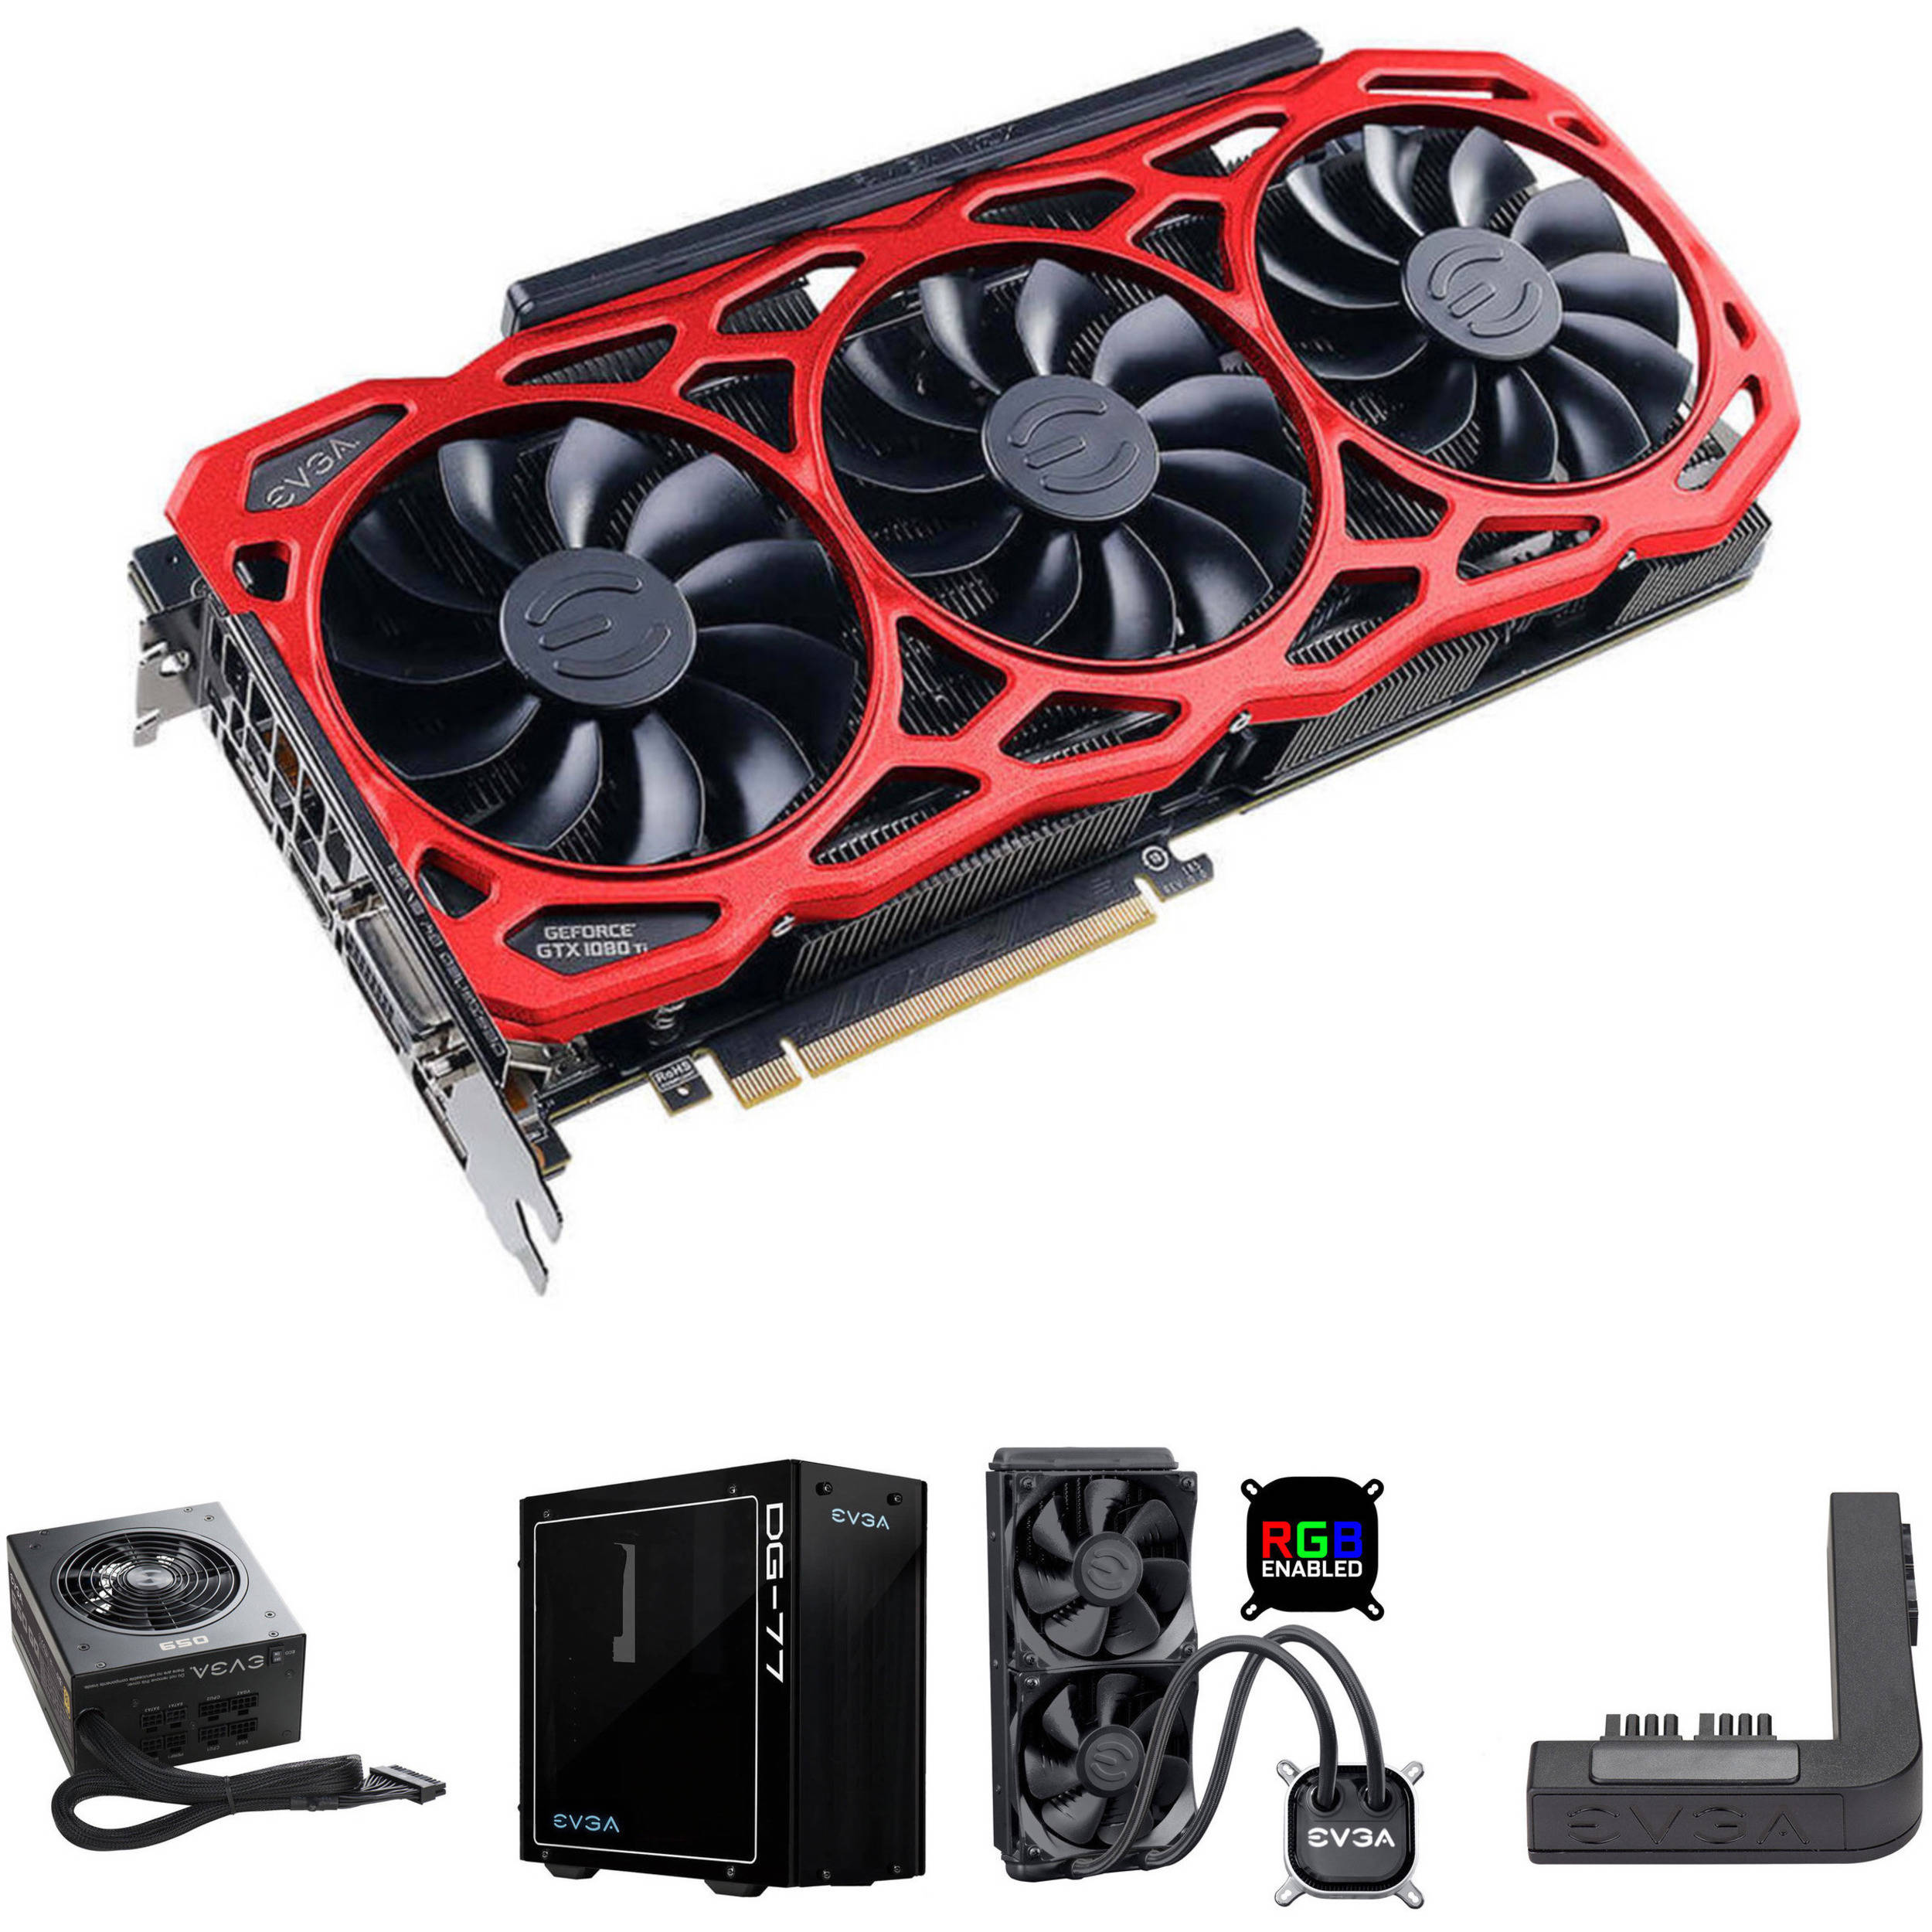 Evga Geforce Gtx 1080 Ti Ftw3 Elite Gaming Red Graphics Card Kit